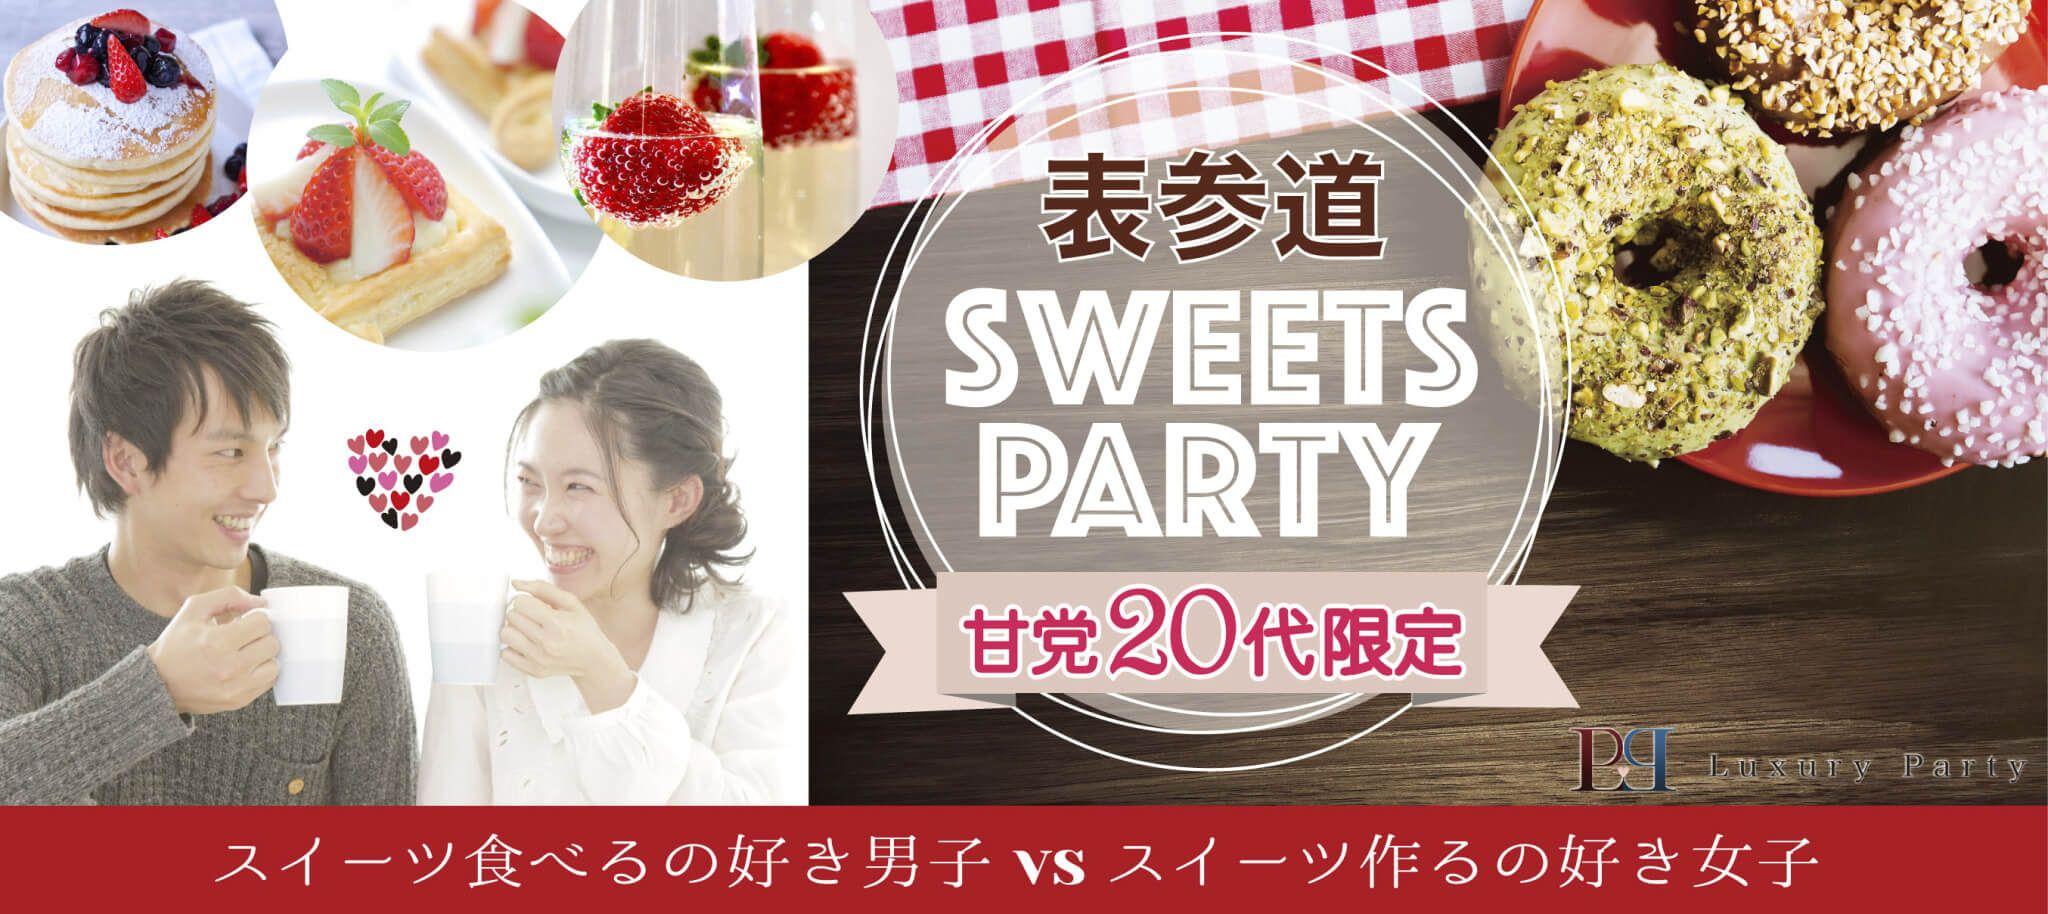 【表参道のプチ街コン】Luxury Party主催 2017年2月25日